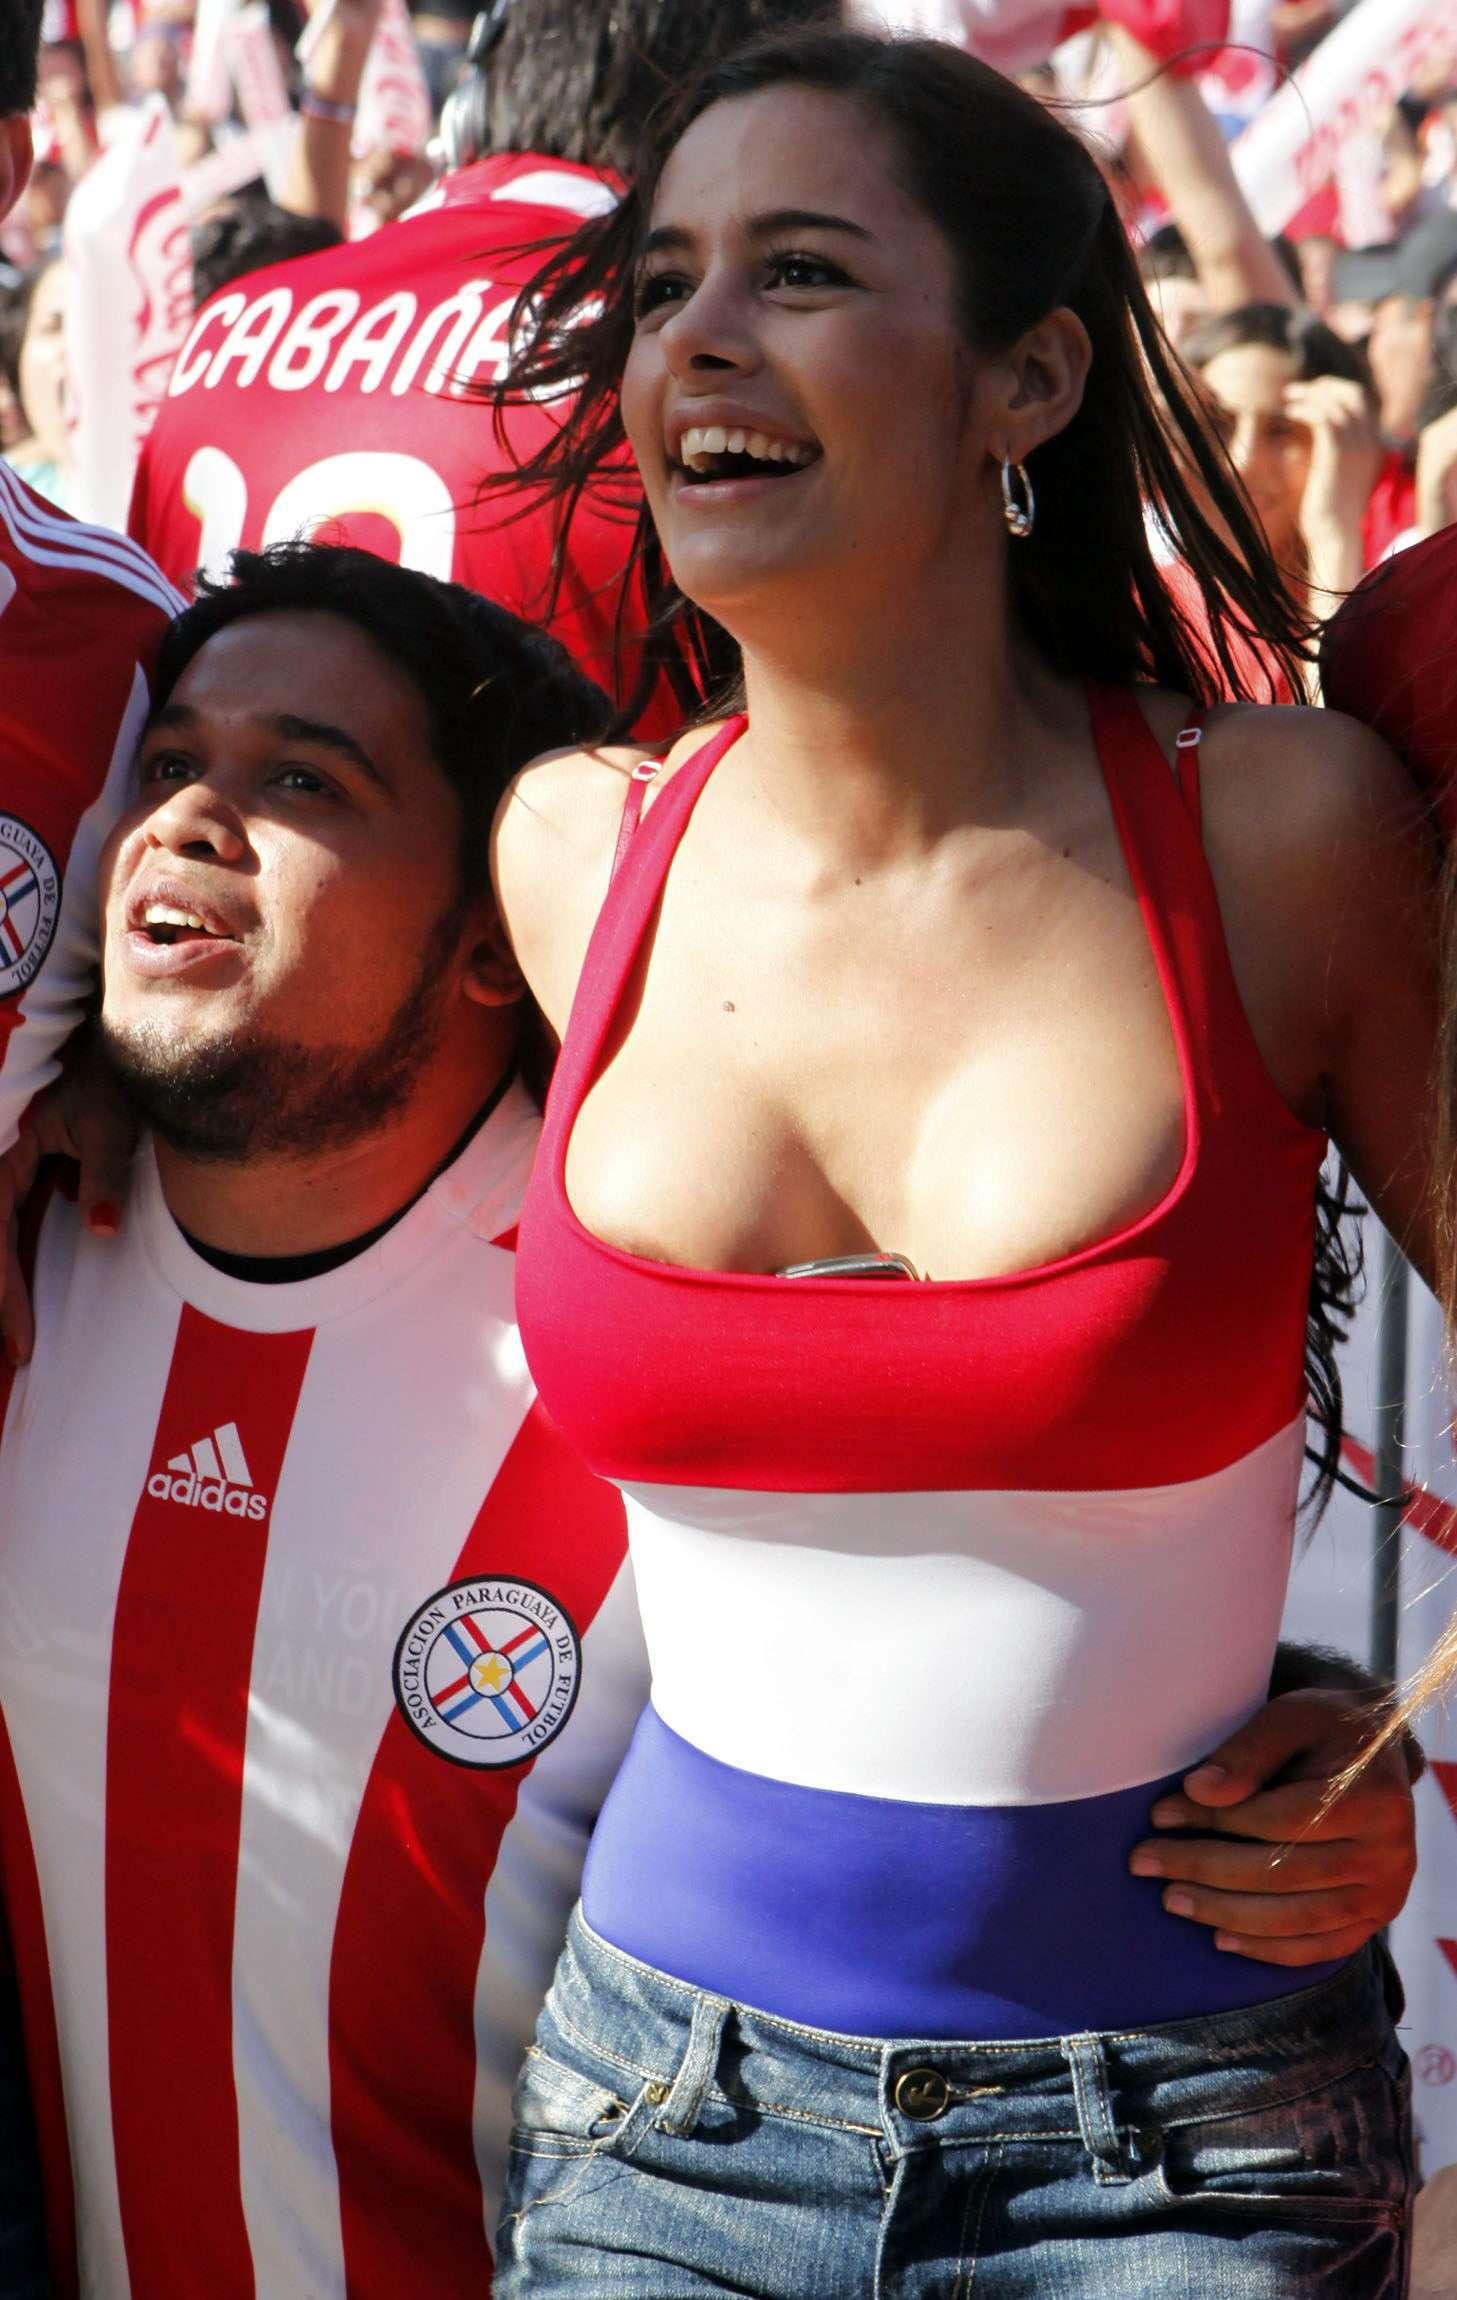 海外サッカーの美人サポーターが興奮しすぎて乳首ポロリしてる胸チラエロ画像 3101